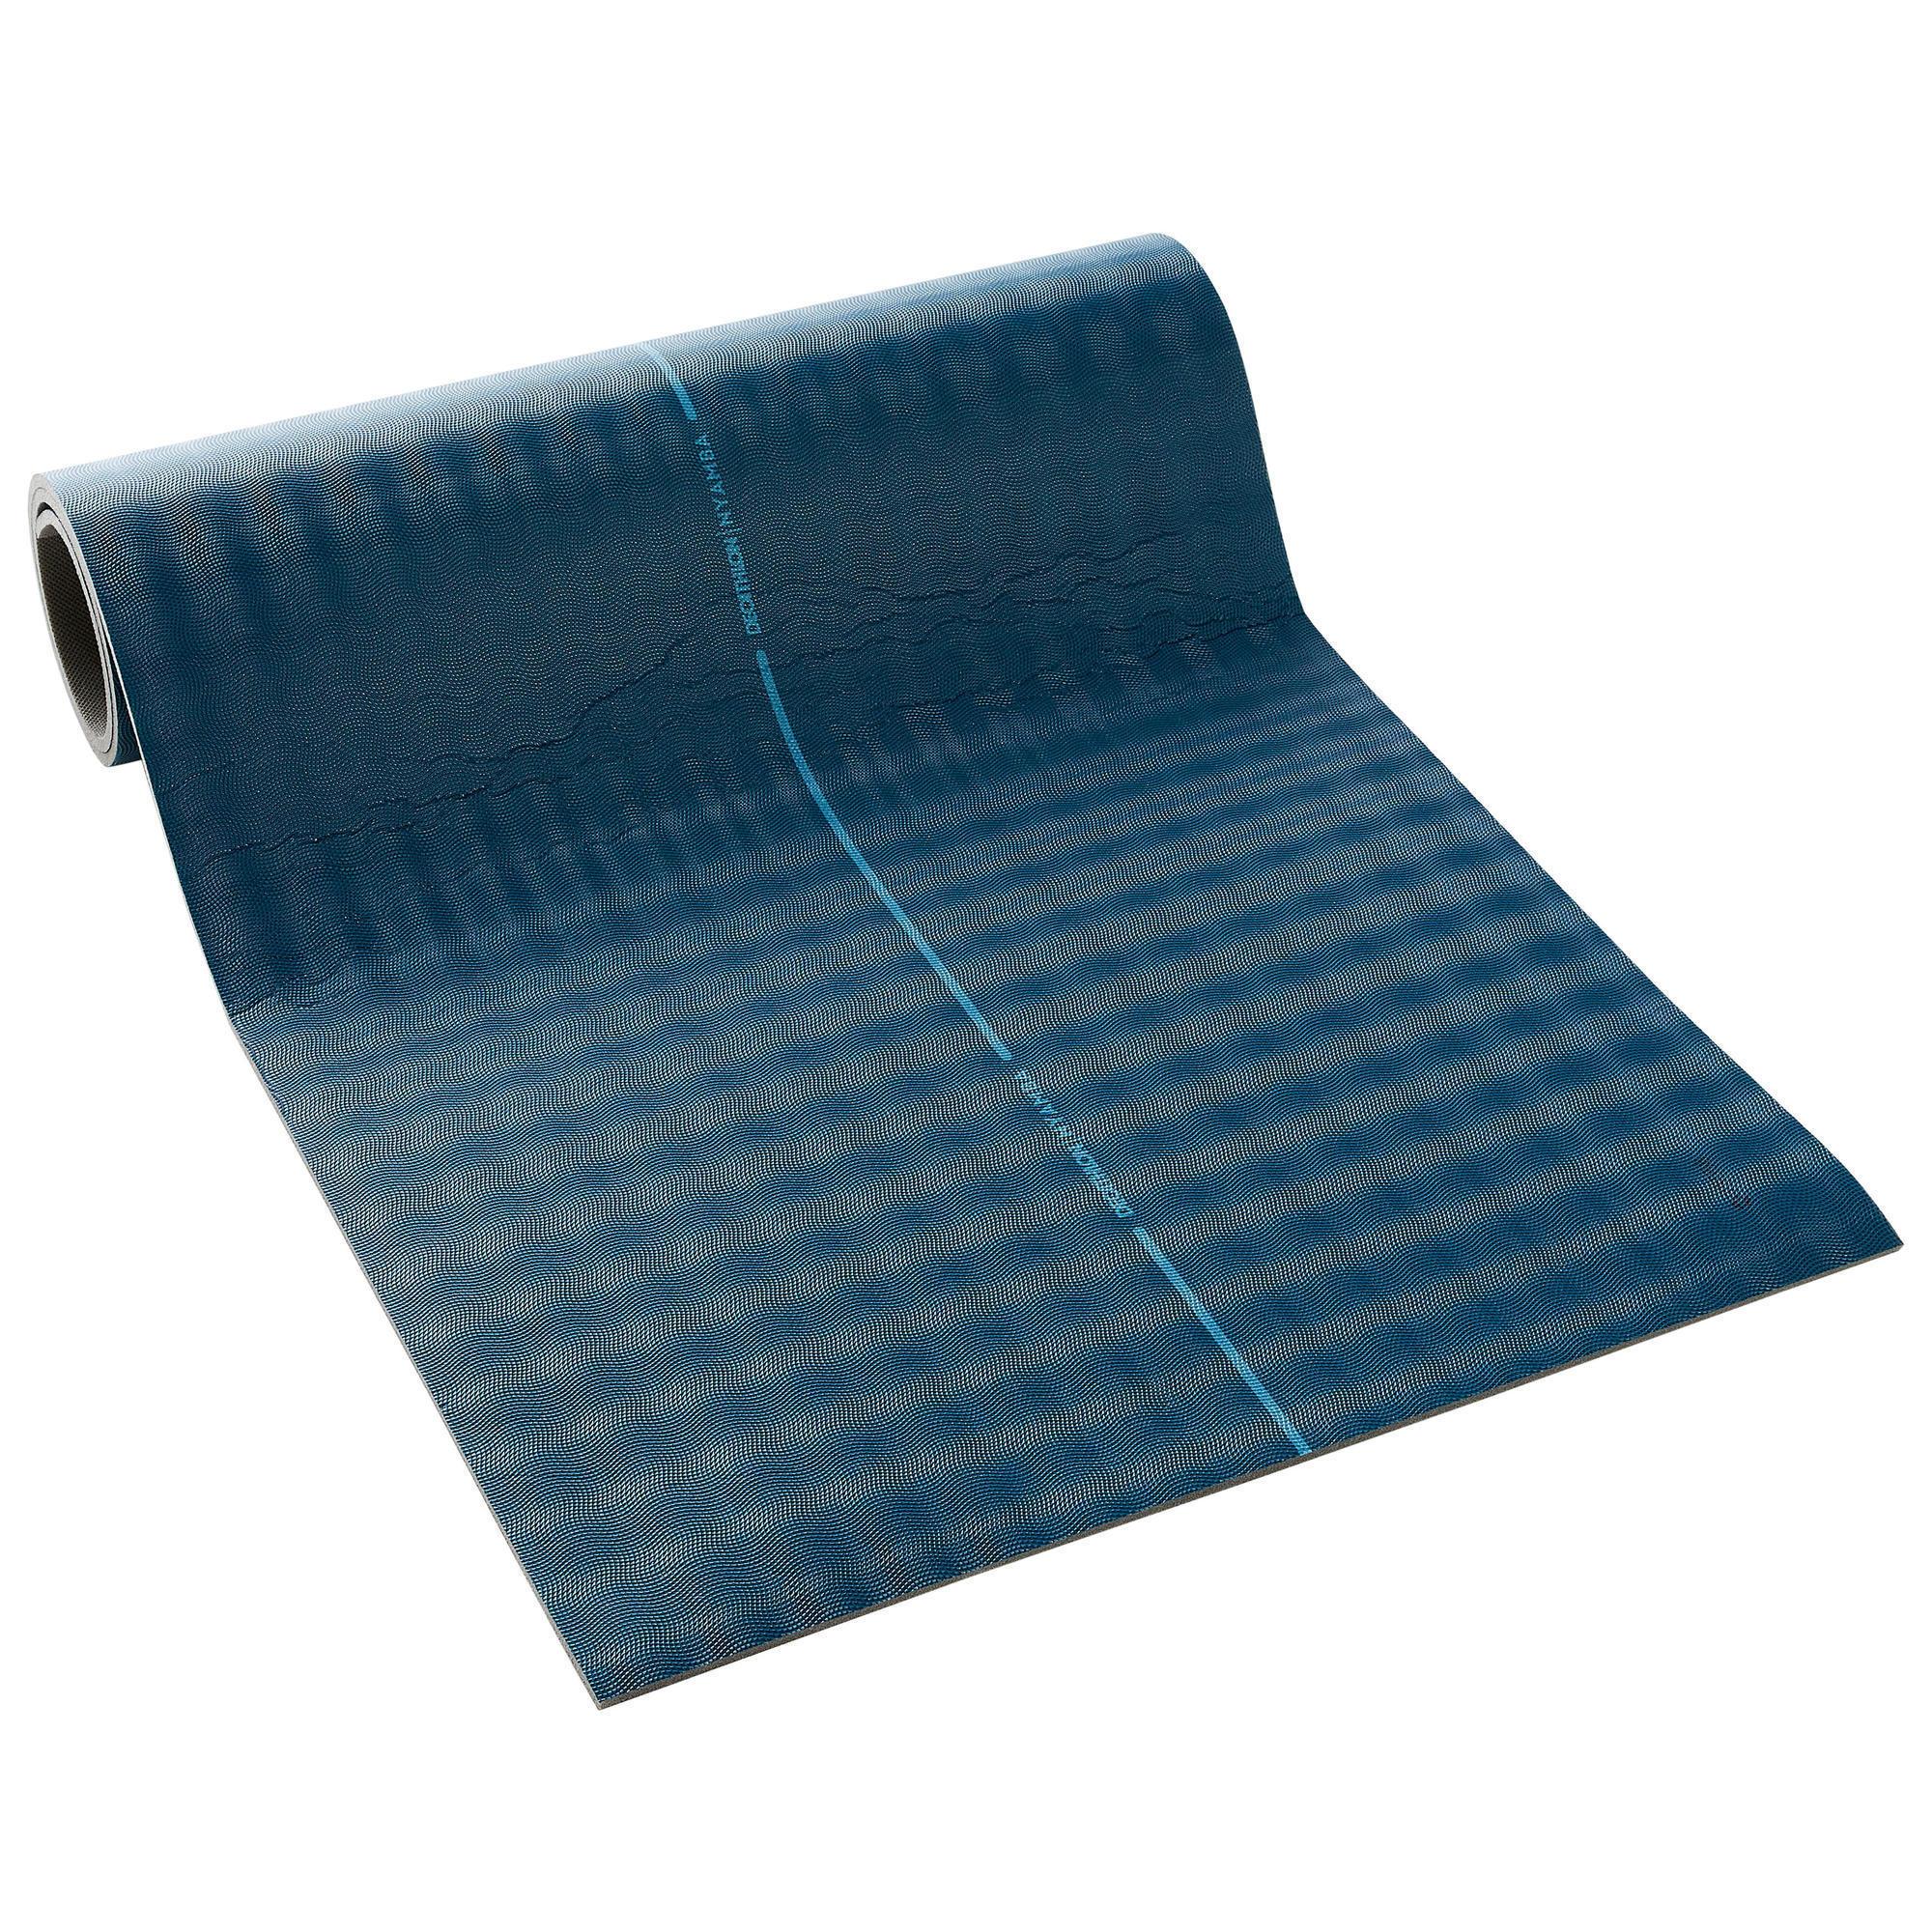 Tapis de sol fitness Tonemat S vert 9cmx9cmx9mm